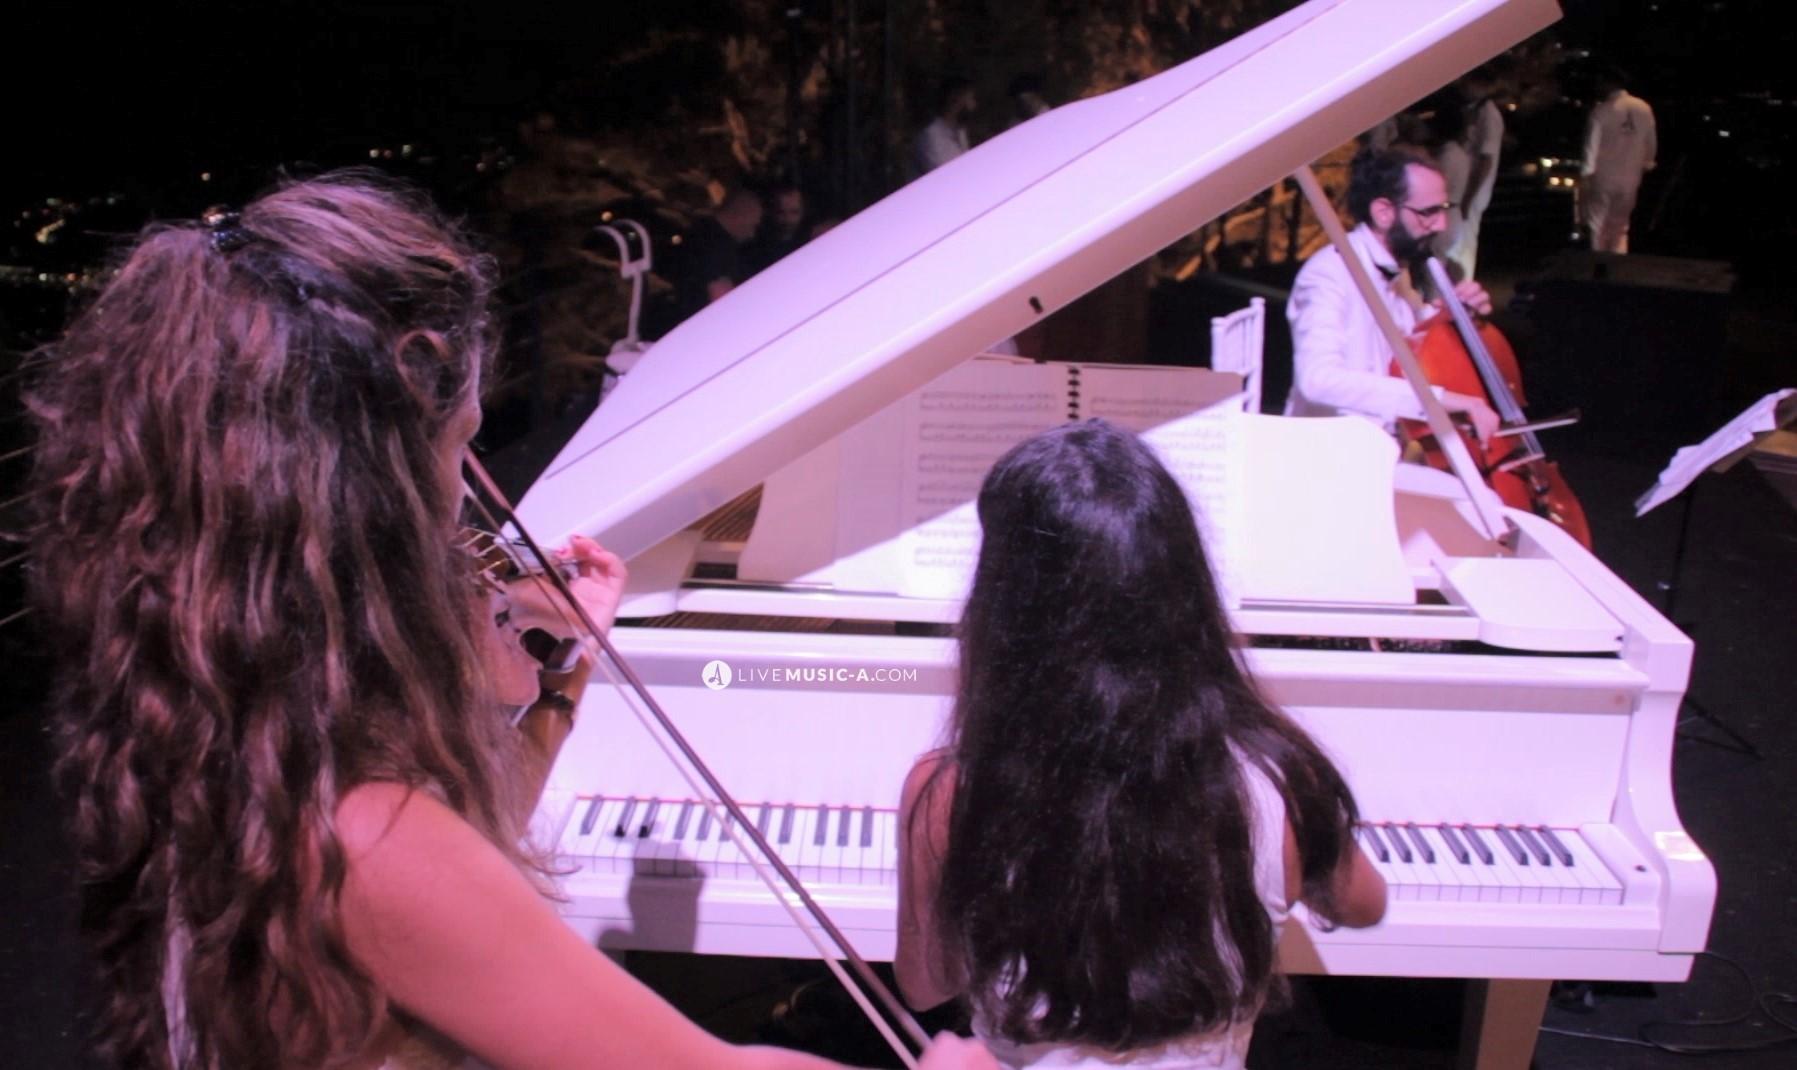 Trio Vivace concert performance